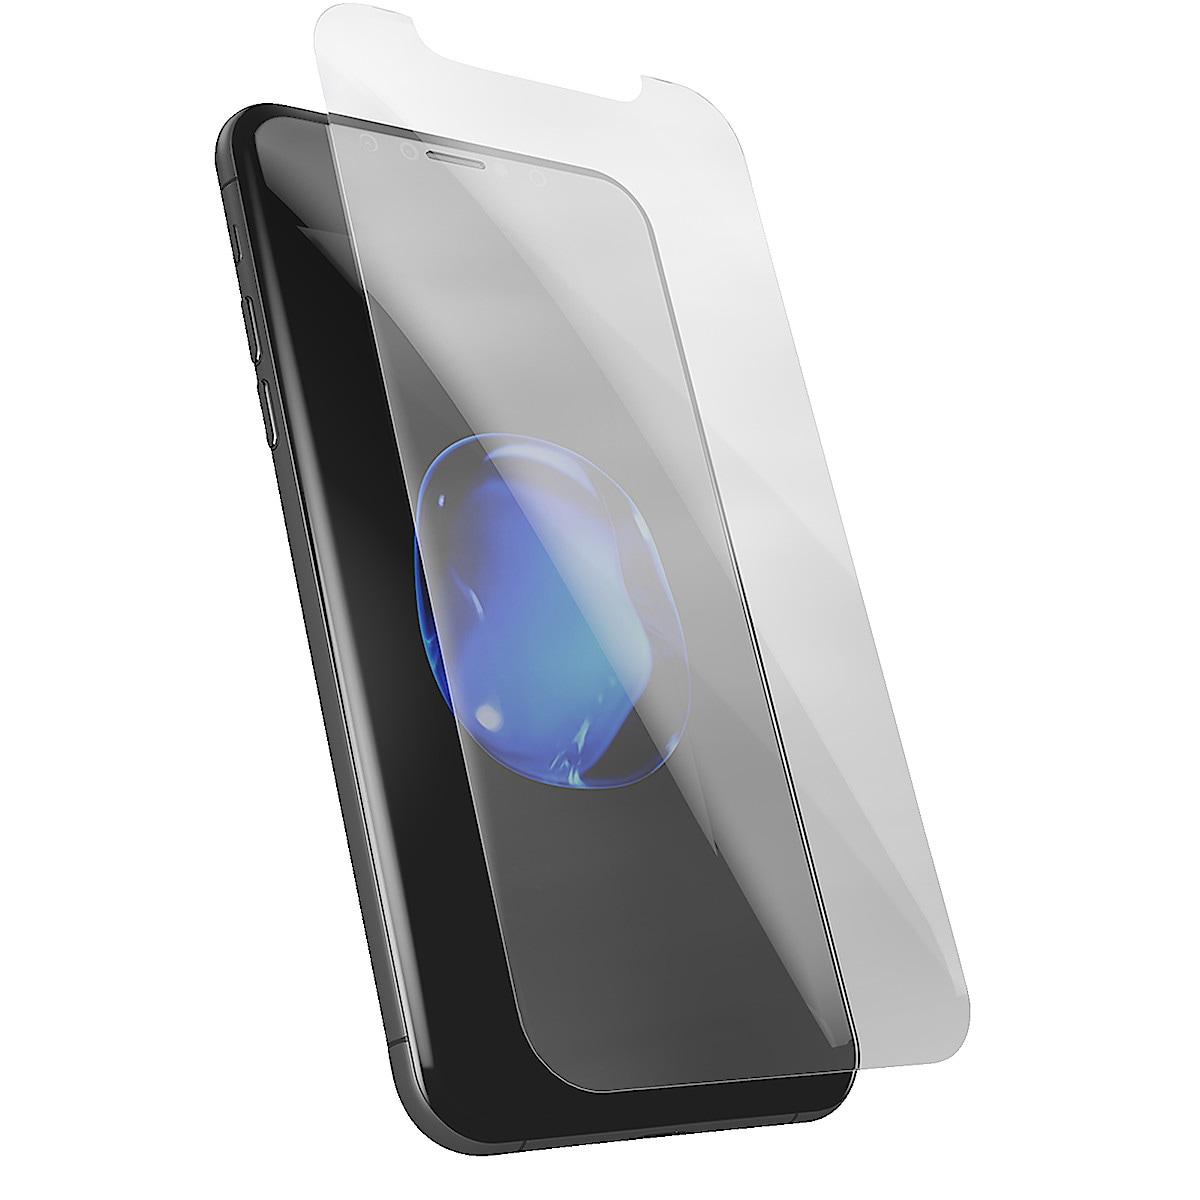 Skärmskydd för iPhone 11 Pro och iPhone X/XS Holdit Tempered Glass